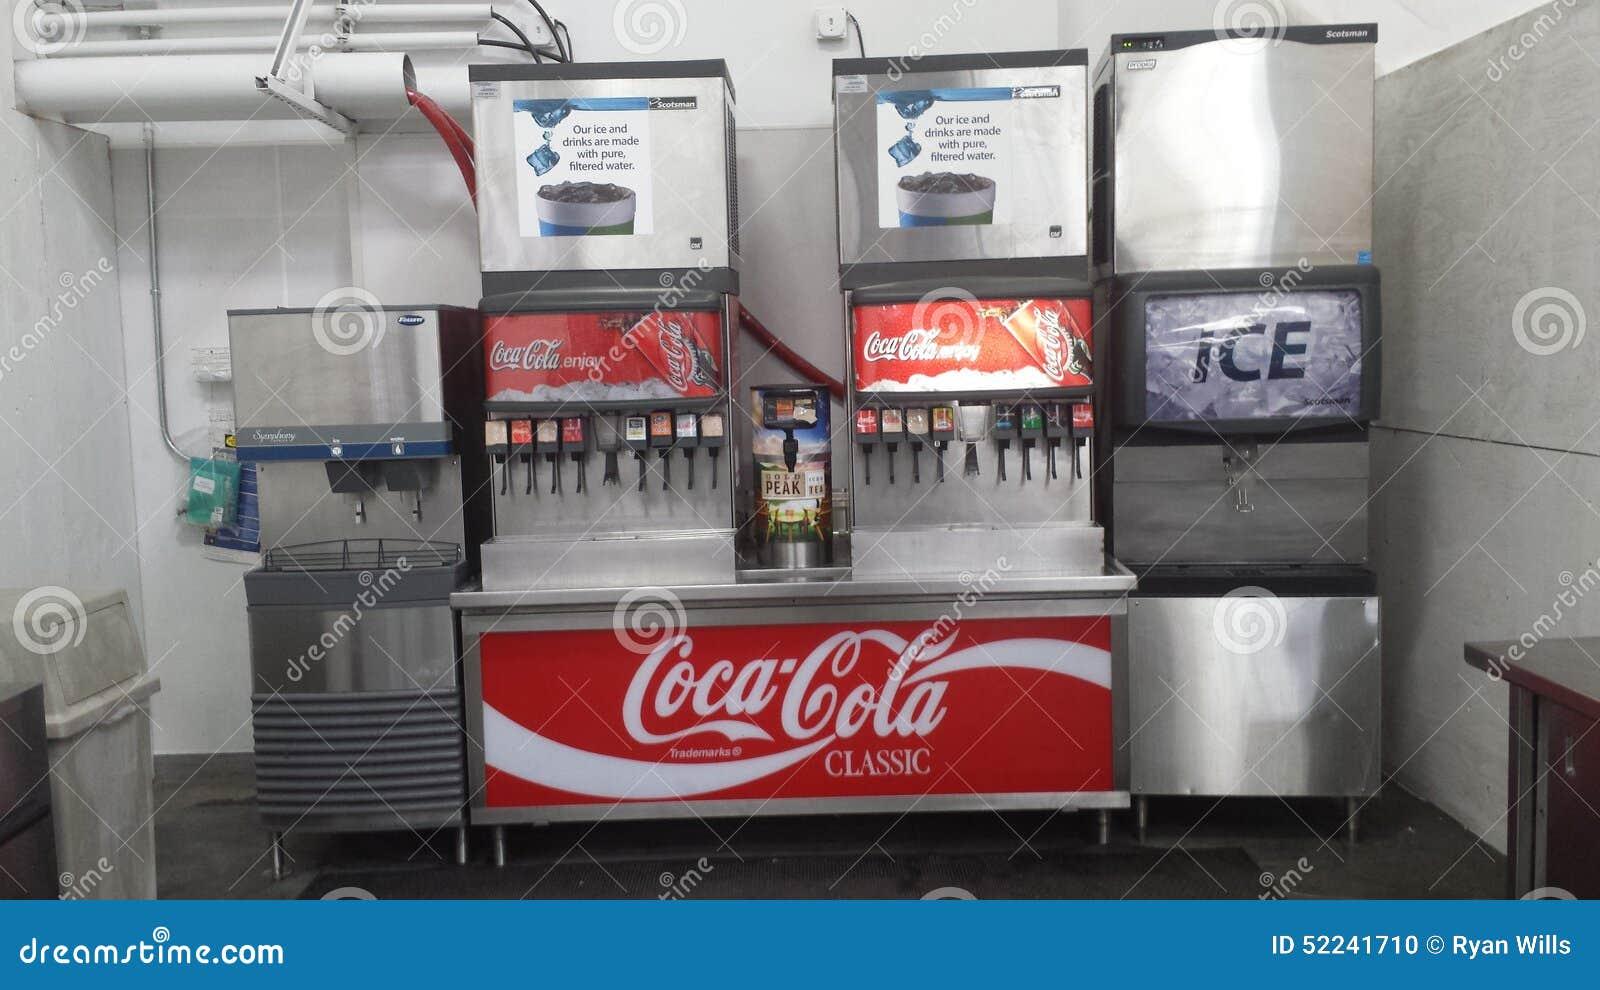 Fuente de soda imagen editorial imagen de fuente for Sillas para fuente de soda